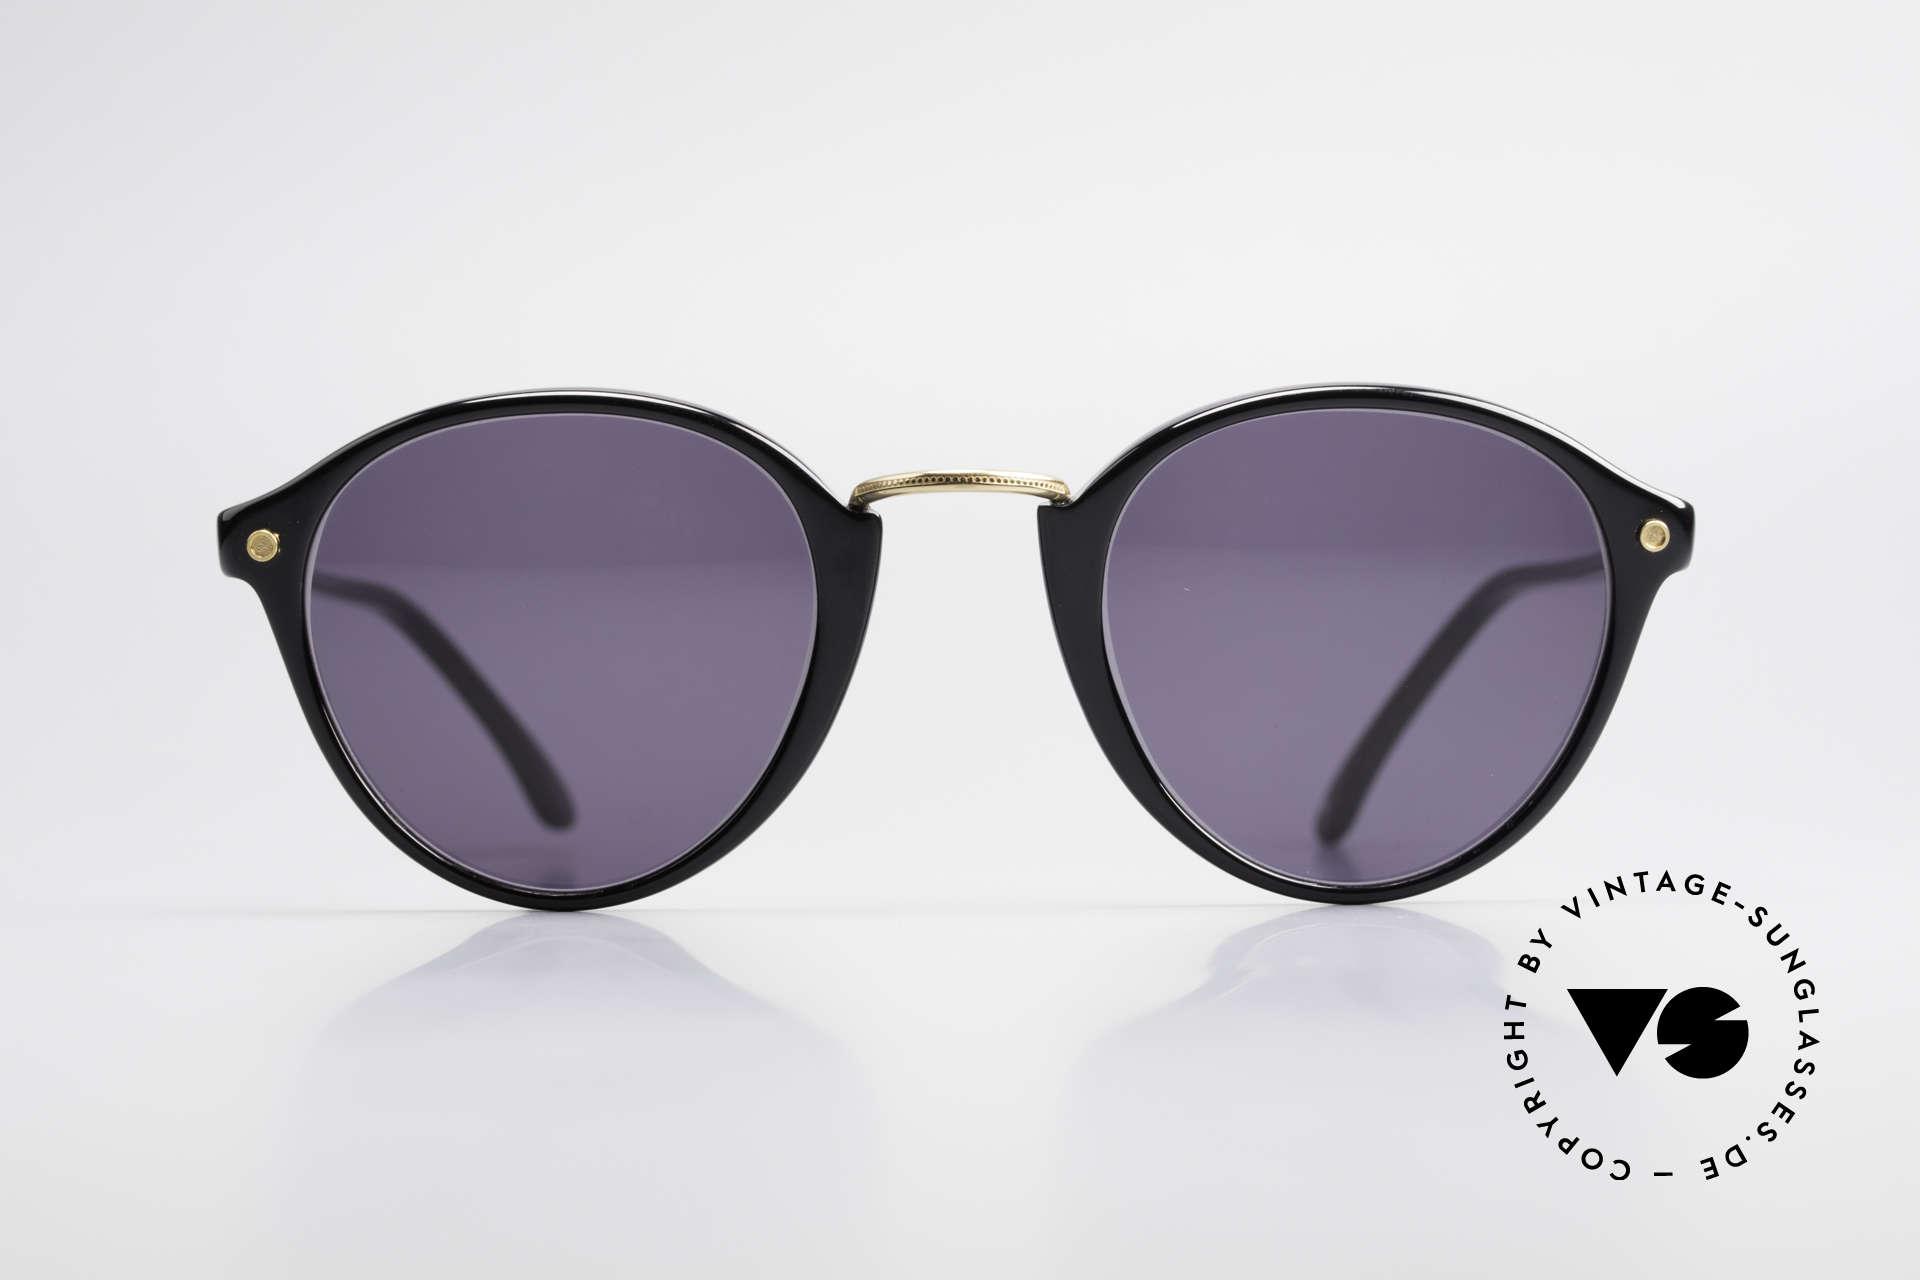 Cutler And Gross 0249 Panto Sonnenbrille Vintage, klassisch, zeitlose Understatement Luxus-Sonnenbrille, Passend für Herren und Damen